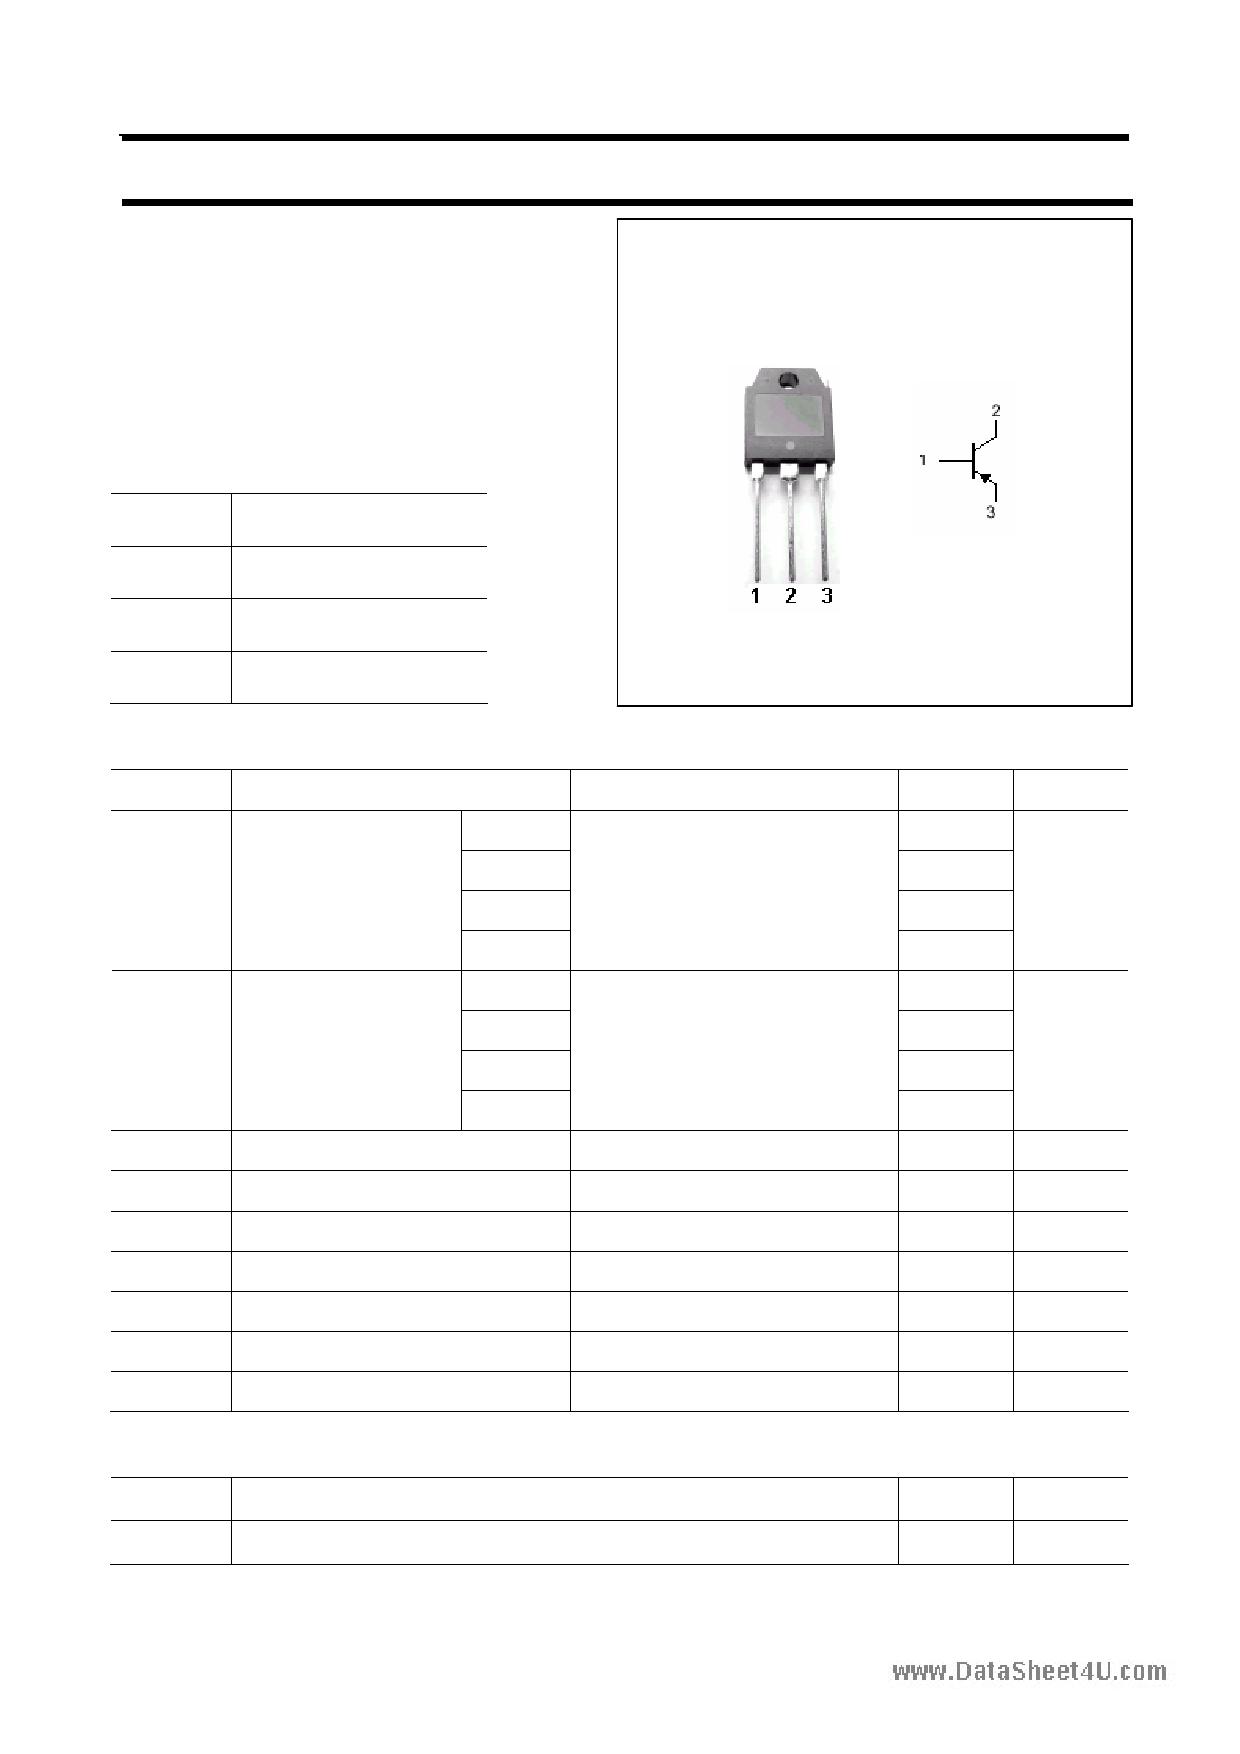 BD250A datasheet